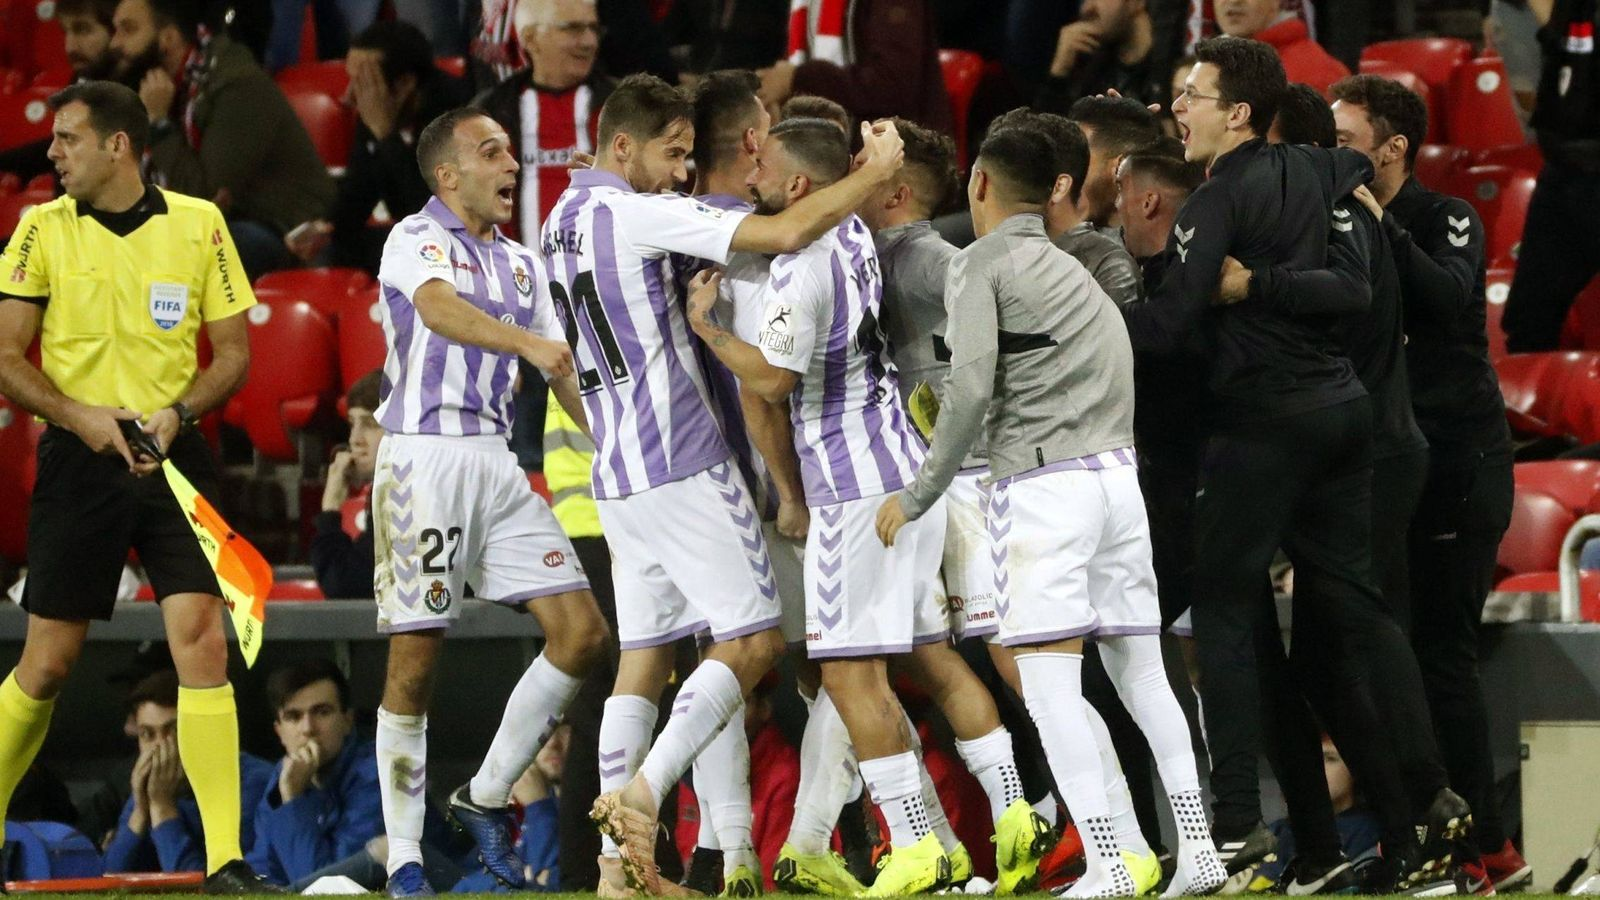 Foto: Jugadores del Valladolid celebran un gol. (EFE)